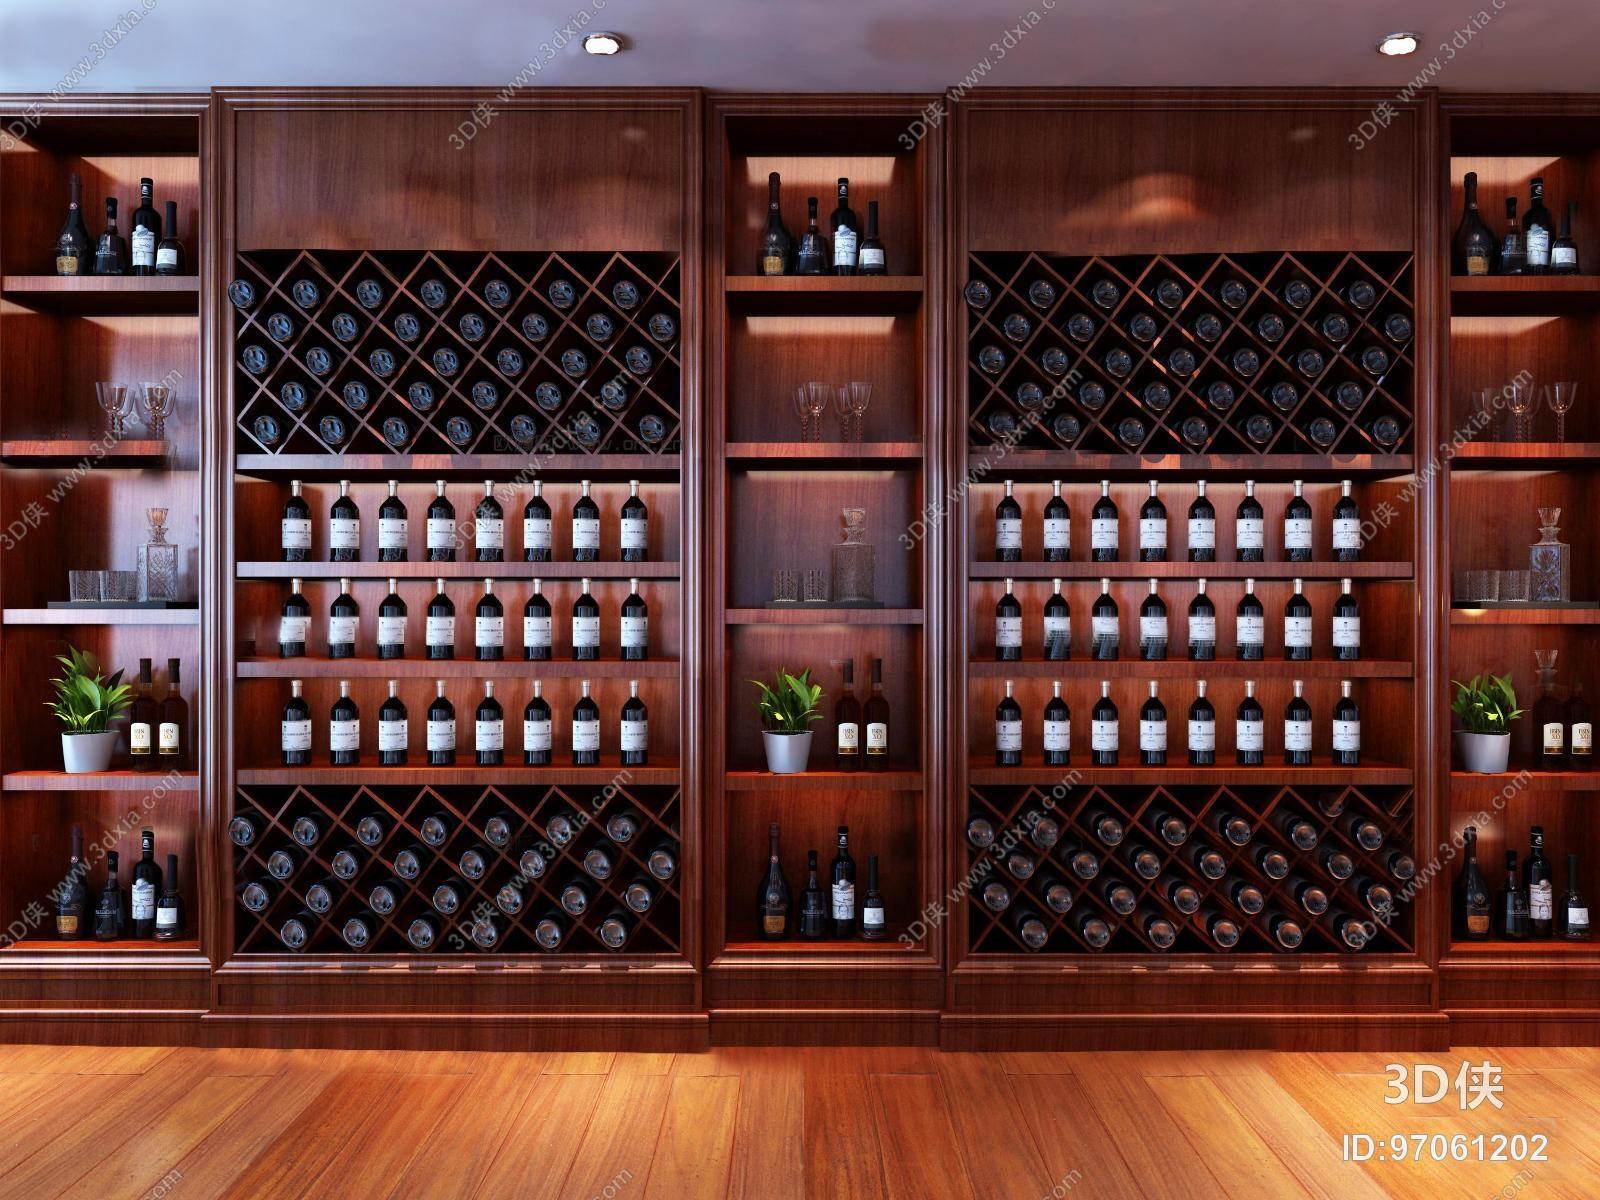 酒柜效果图素材免费下载,本作品主题是现代实木红酒柜3d模型,编号是